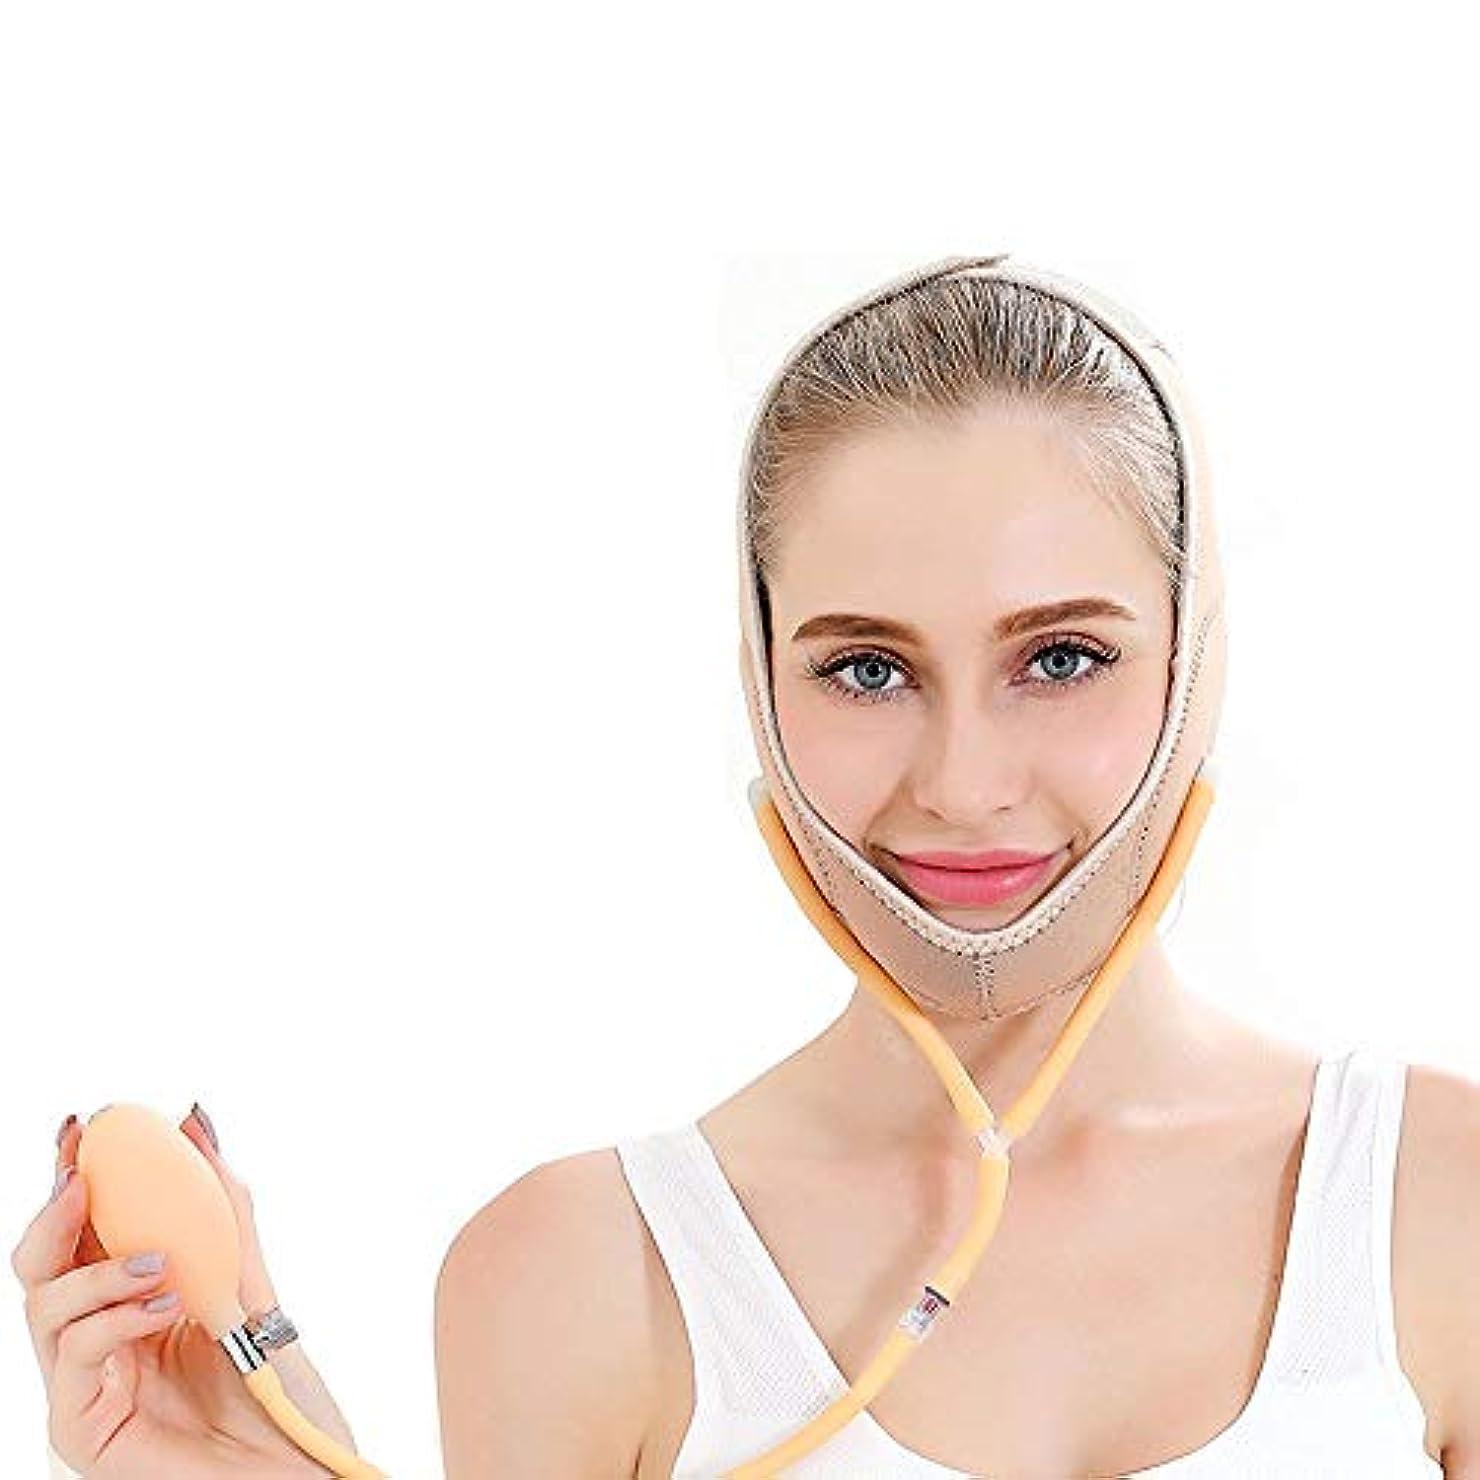 驚かす旅行買うGYZ フェイスリフティングフェイスマスクスモールVフェイスプレッシャープルアップシェーピングバイトマッスルファーミングパターンダブルチン包帯シンフェイスアーティファクト - ピンク、肌の色、黒 Thin Face Belt (Color : A)